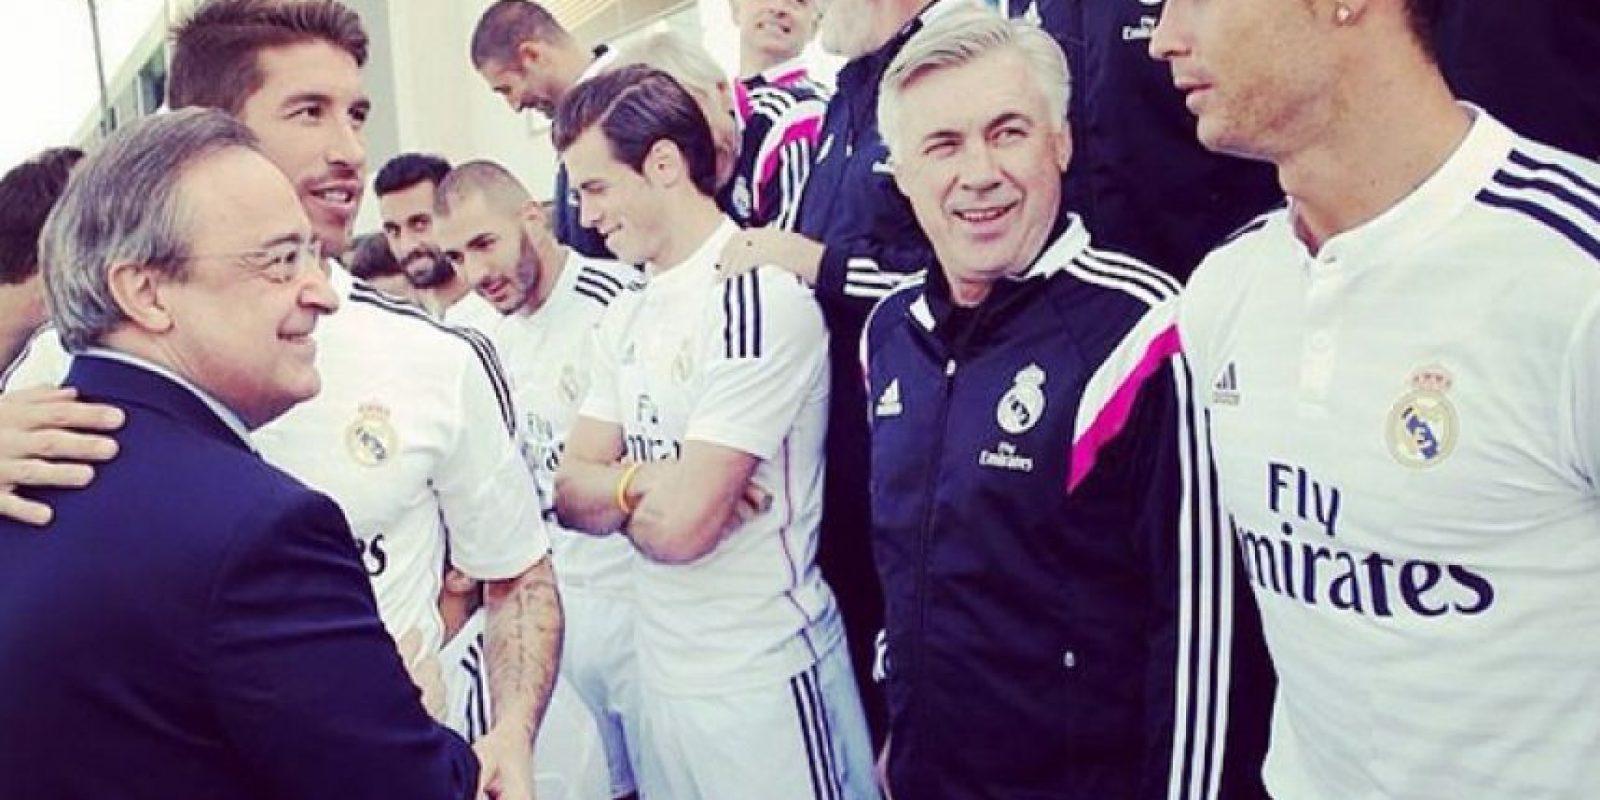 Ancelotti fue muy respetuoso con todos los integrantes del Real Madrid, desde las más grandes figuras del vestuario, hasta los más modestos trabajadores del club. Esto provocó que como recompensa, todos le tuvieran un gran respeto a él. Foto:Vía instagram.com/mrancelotti